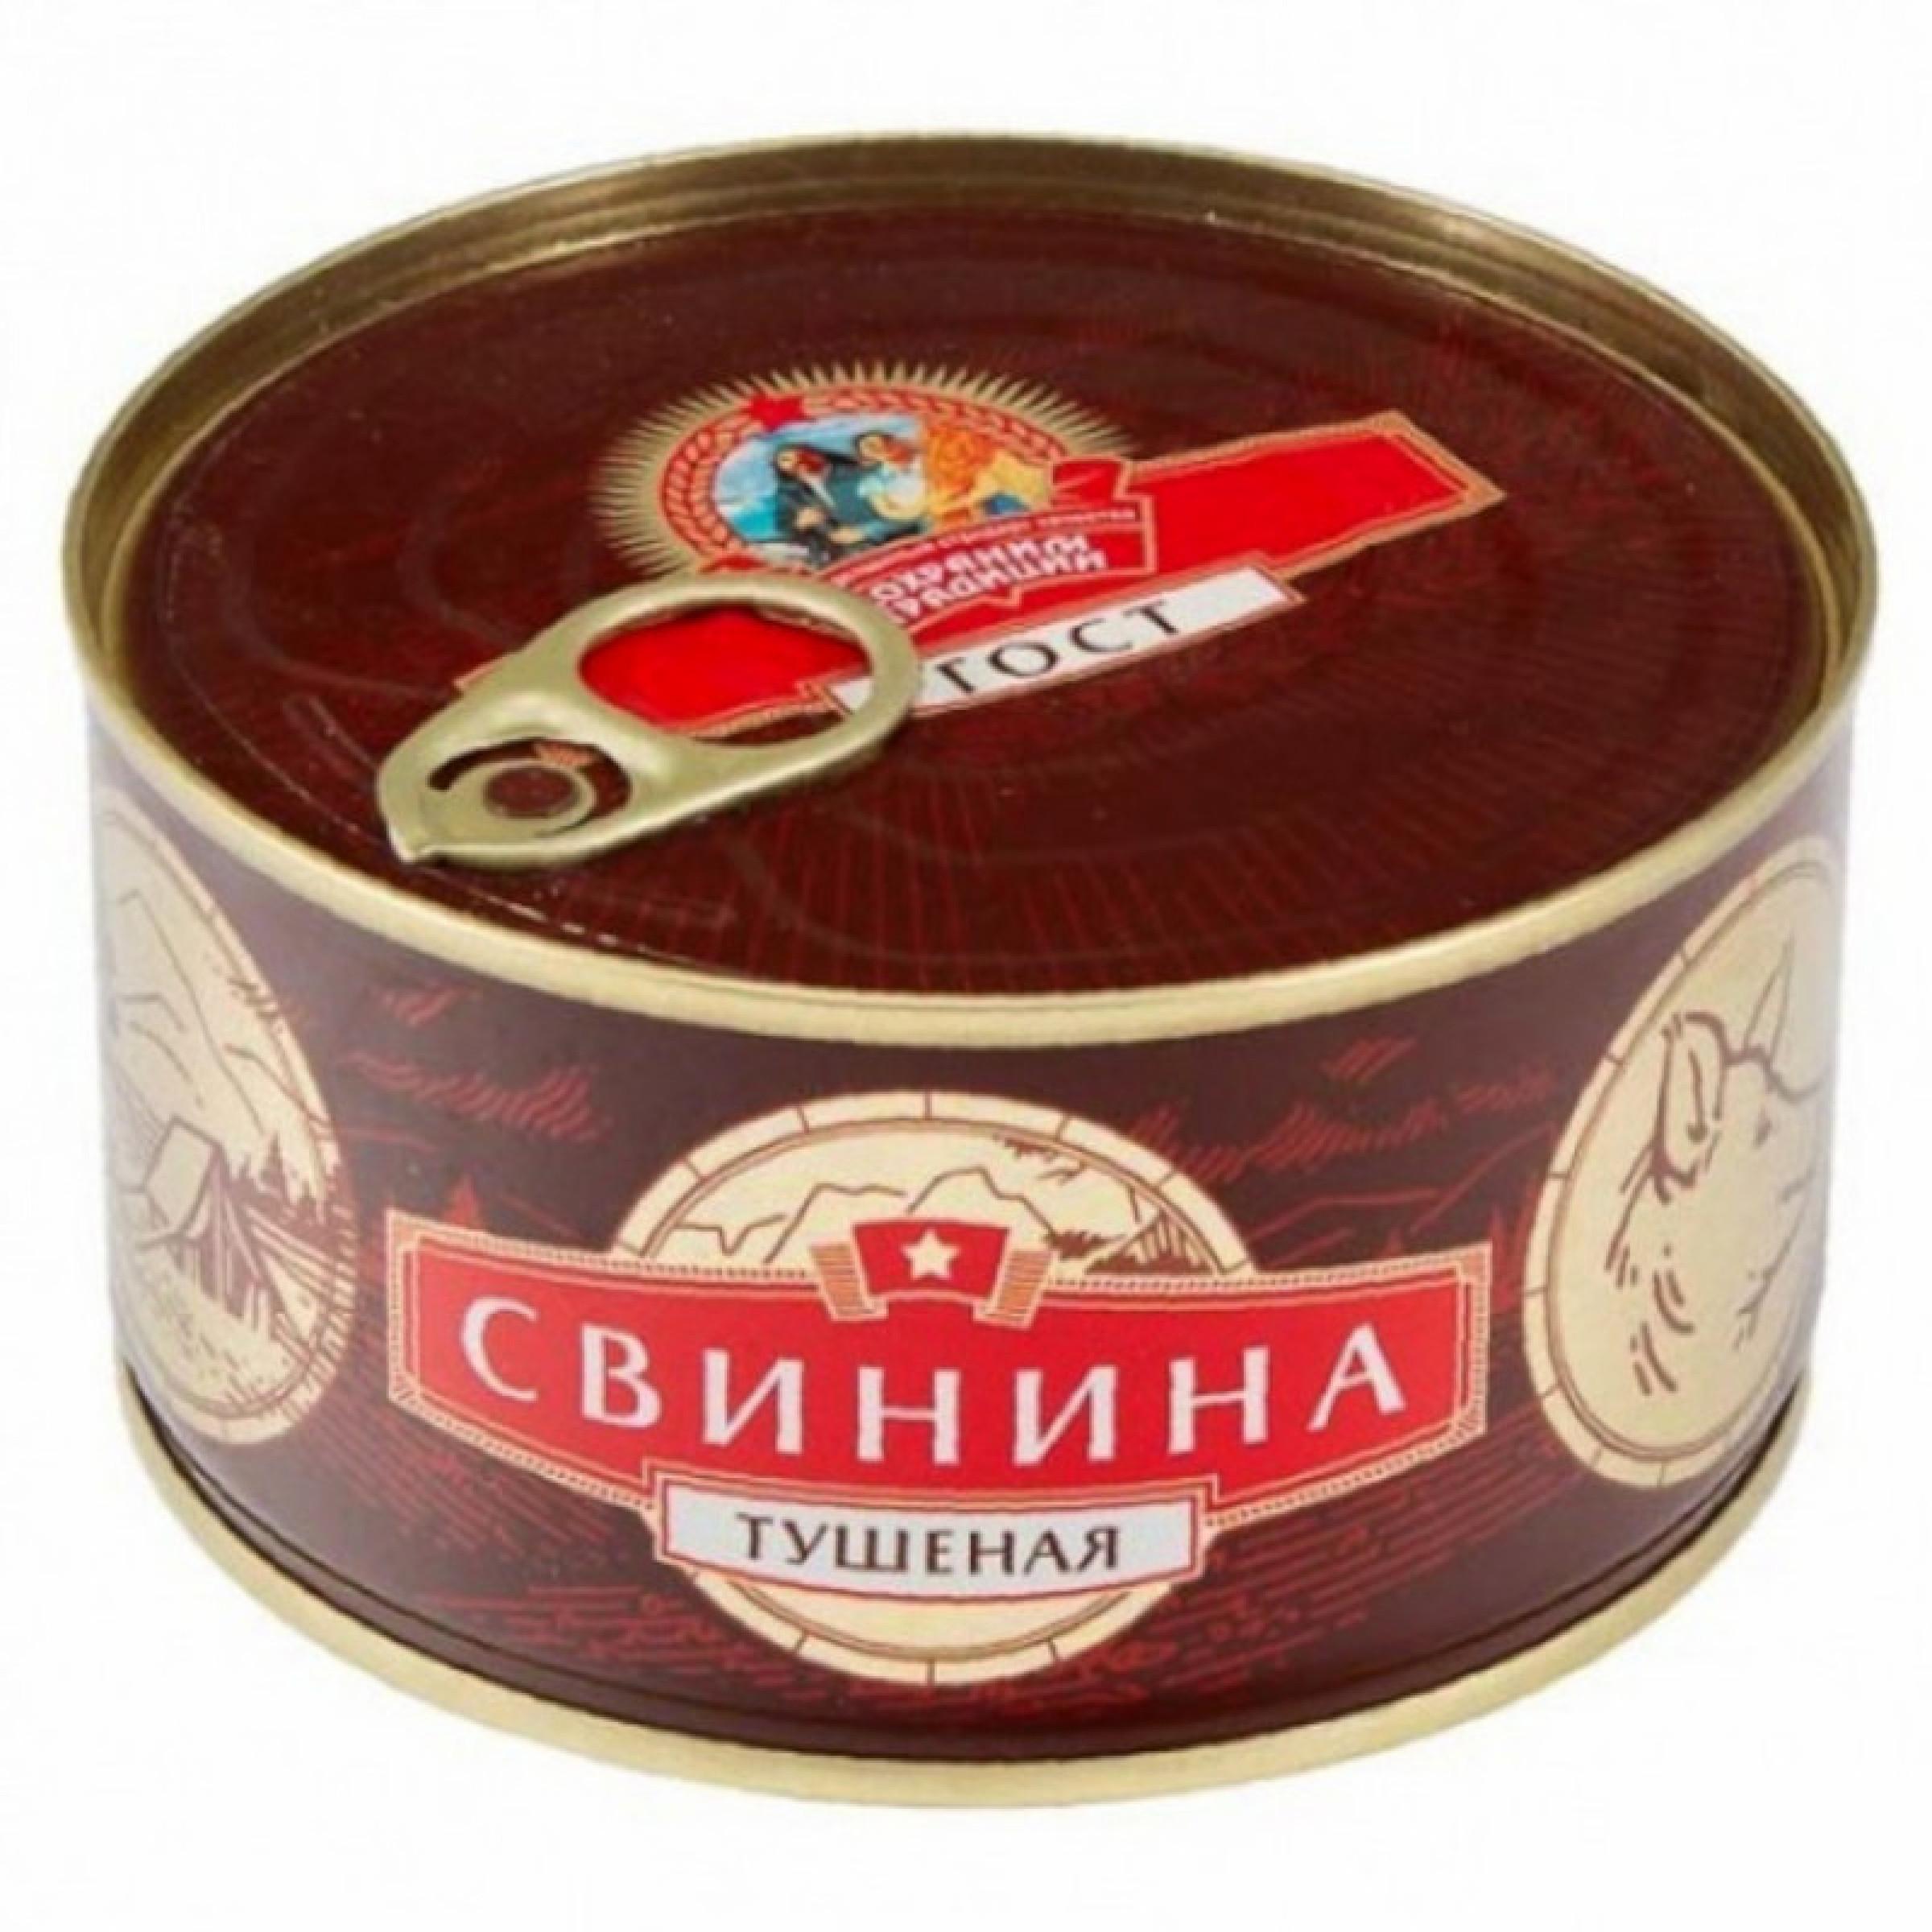 Свинина тушеная вс ГОСТ КТК, 325гр